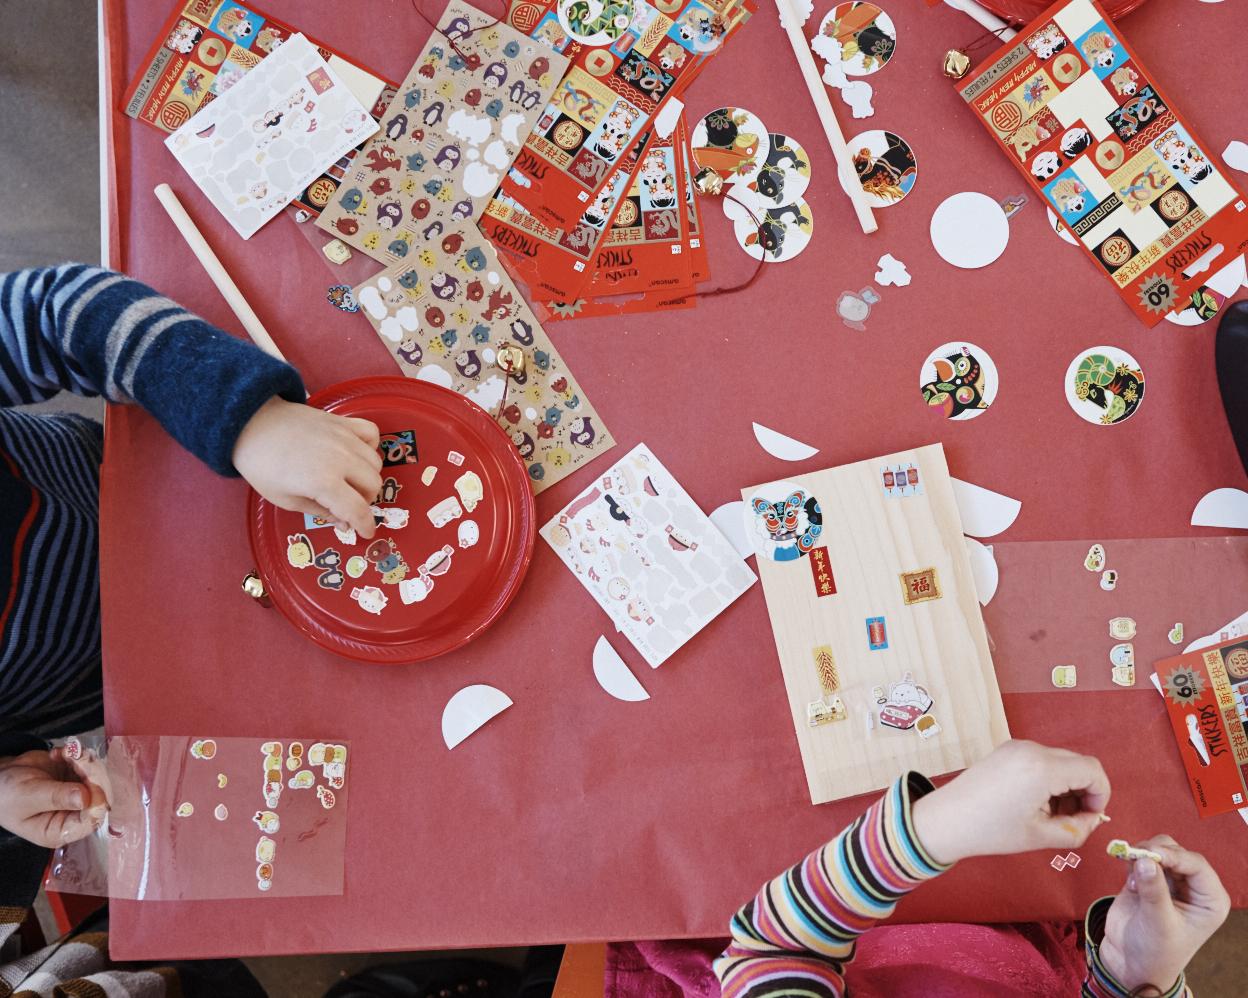 crafts-0784-LP-6304870.jpg